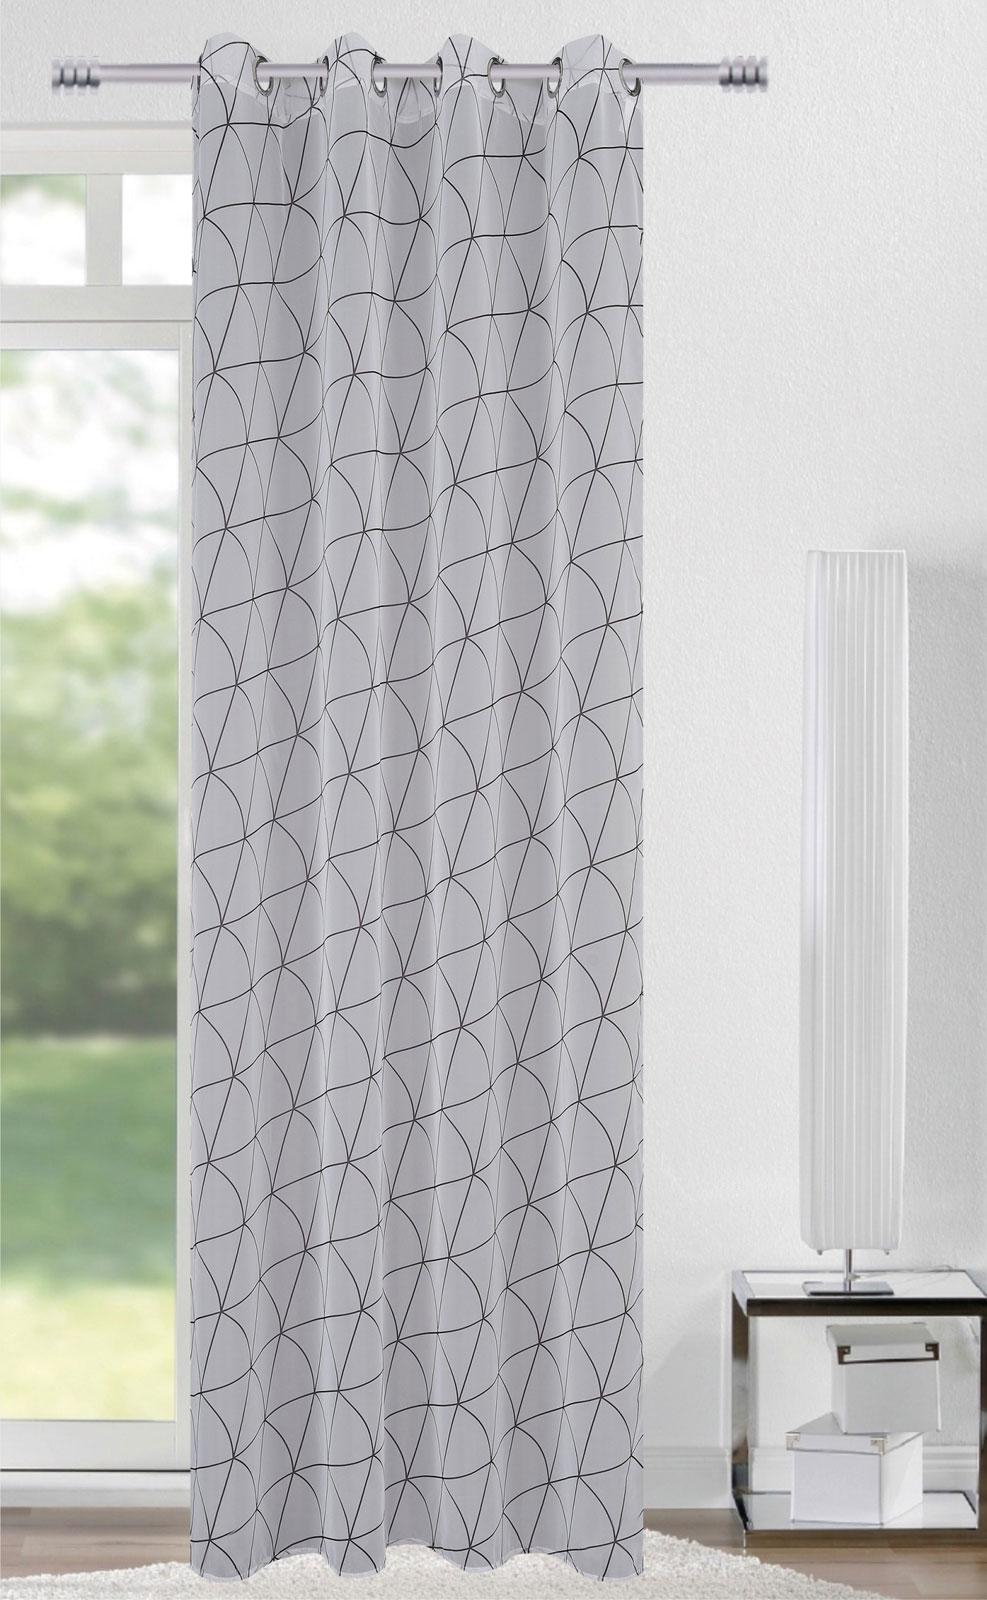 Gardinen und Vorhänge - Ösenschal Vorhang Gardine 140x245 mit Metallösen Triangel 400240  - Onlineshop PremiumShop321